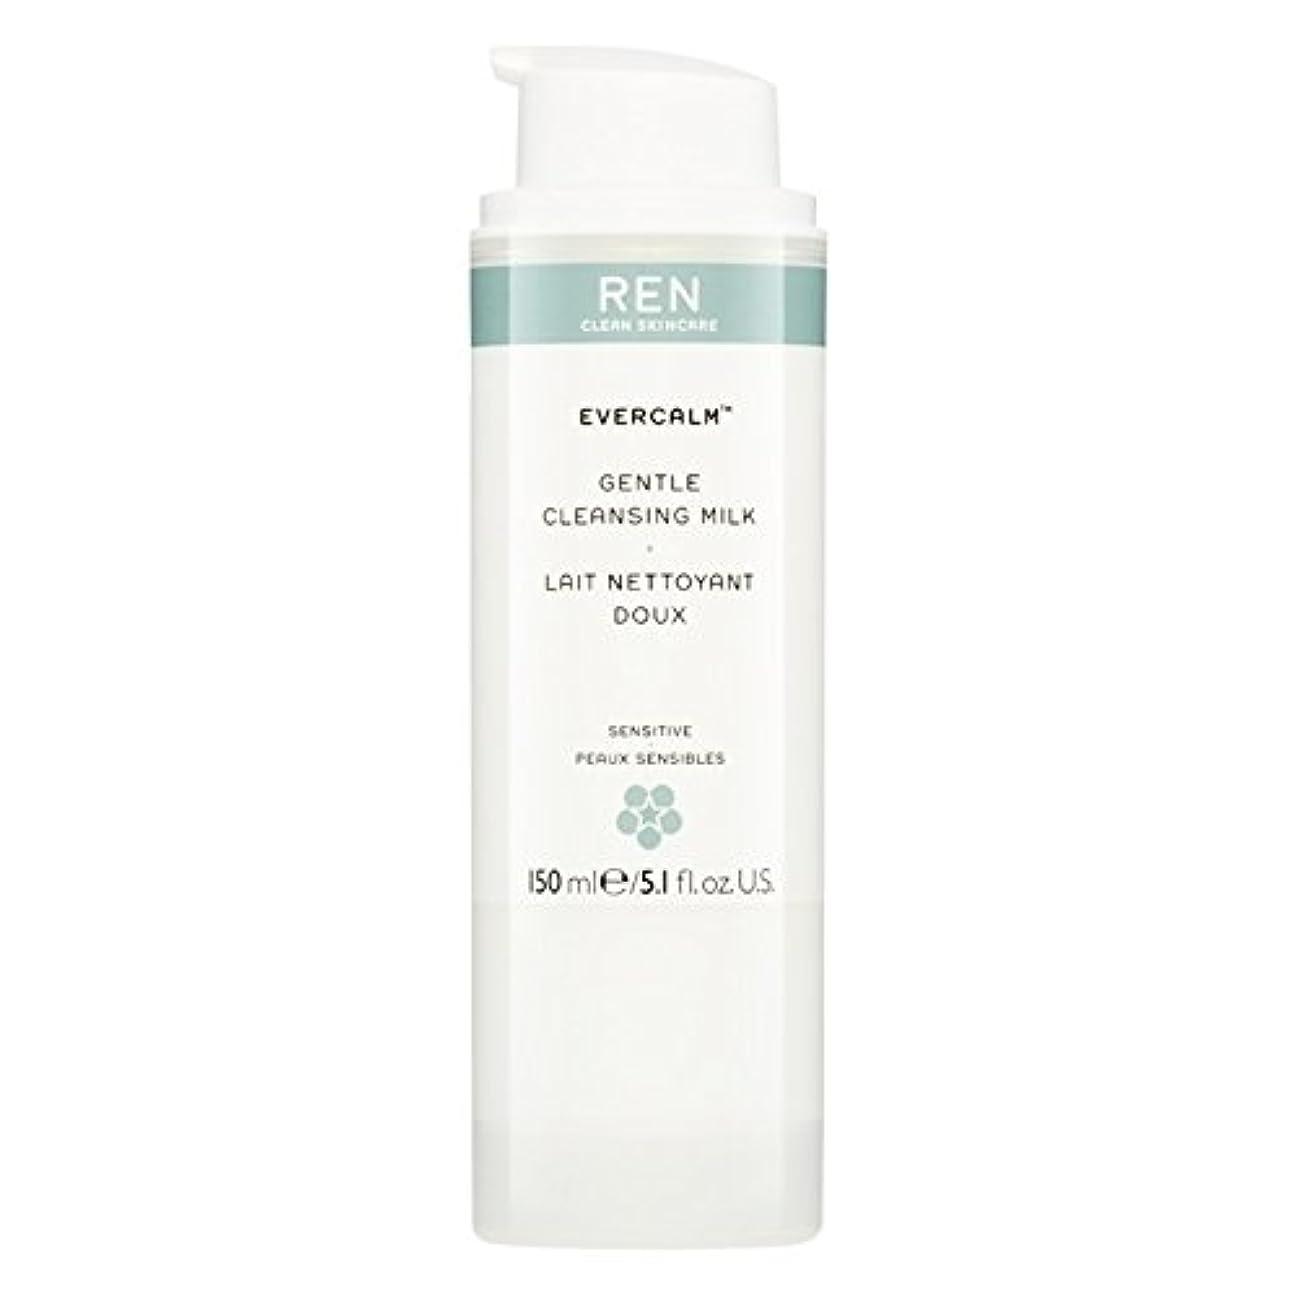 泣くおもちゃひどいRen Evercalm優しいクレンジングミルク、150ミリリットル (REN) (x6) - REN Evercalm Gentle Cleansing Milk, 150ml (Pack of 6) [並行輸入品]